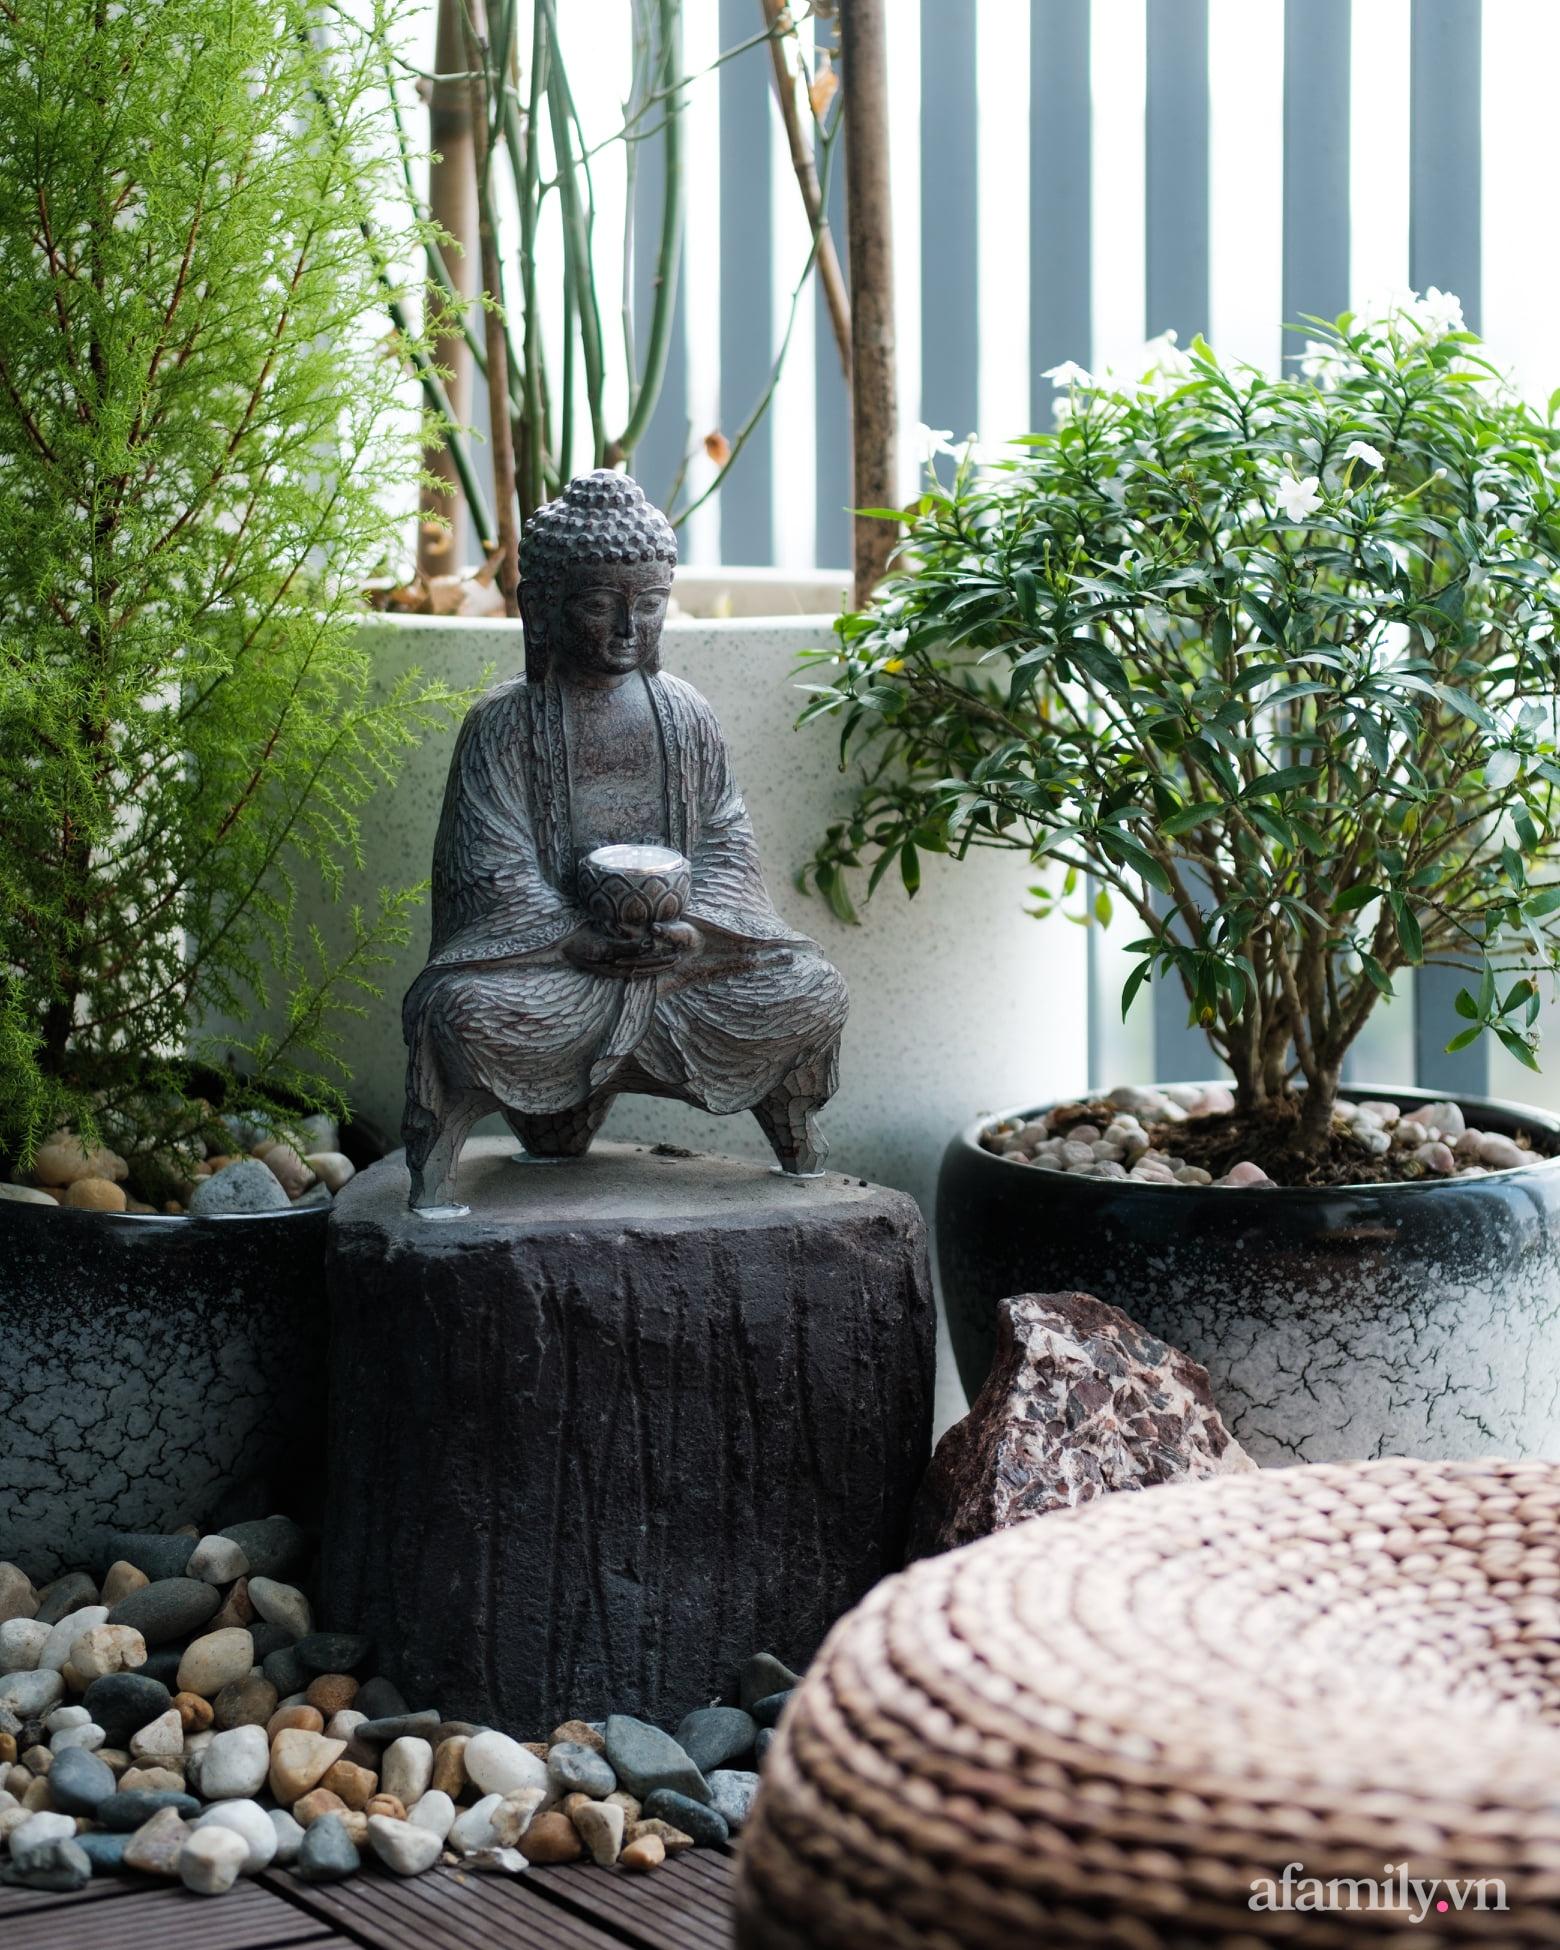 Căn hộ 60m² đẹp tĩnh lặng và tinh tế mang hơi thở của Zen ở quận 7 Sài Gòn - Ảnh 13.